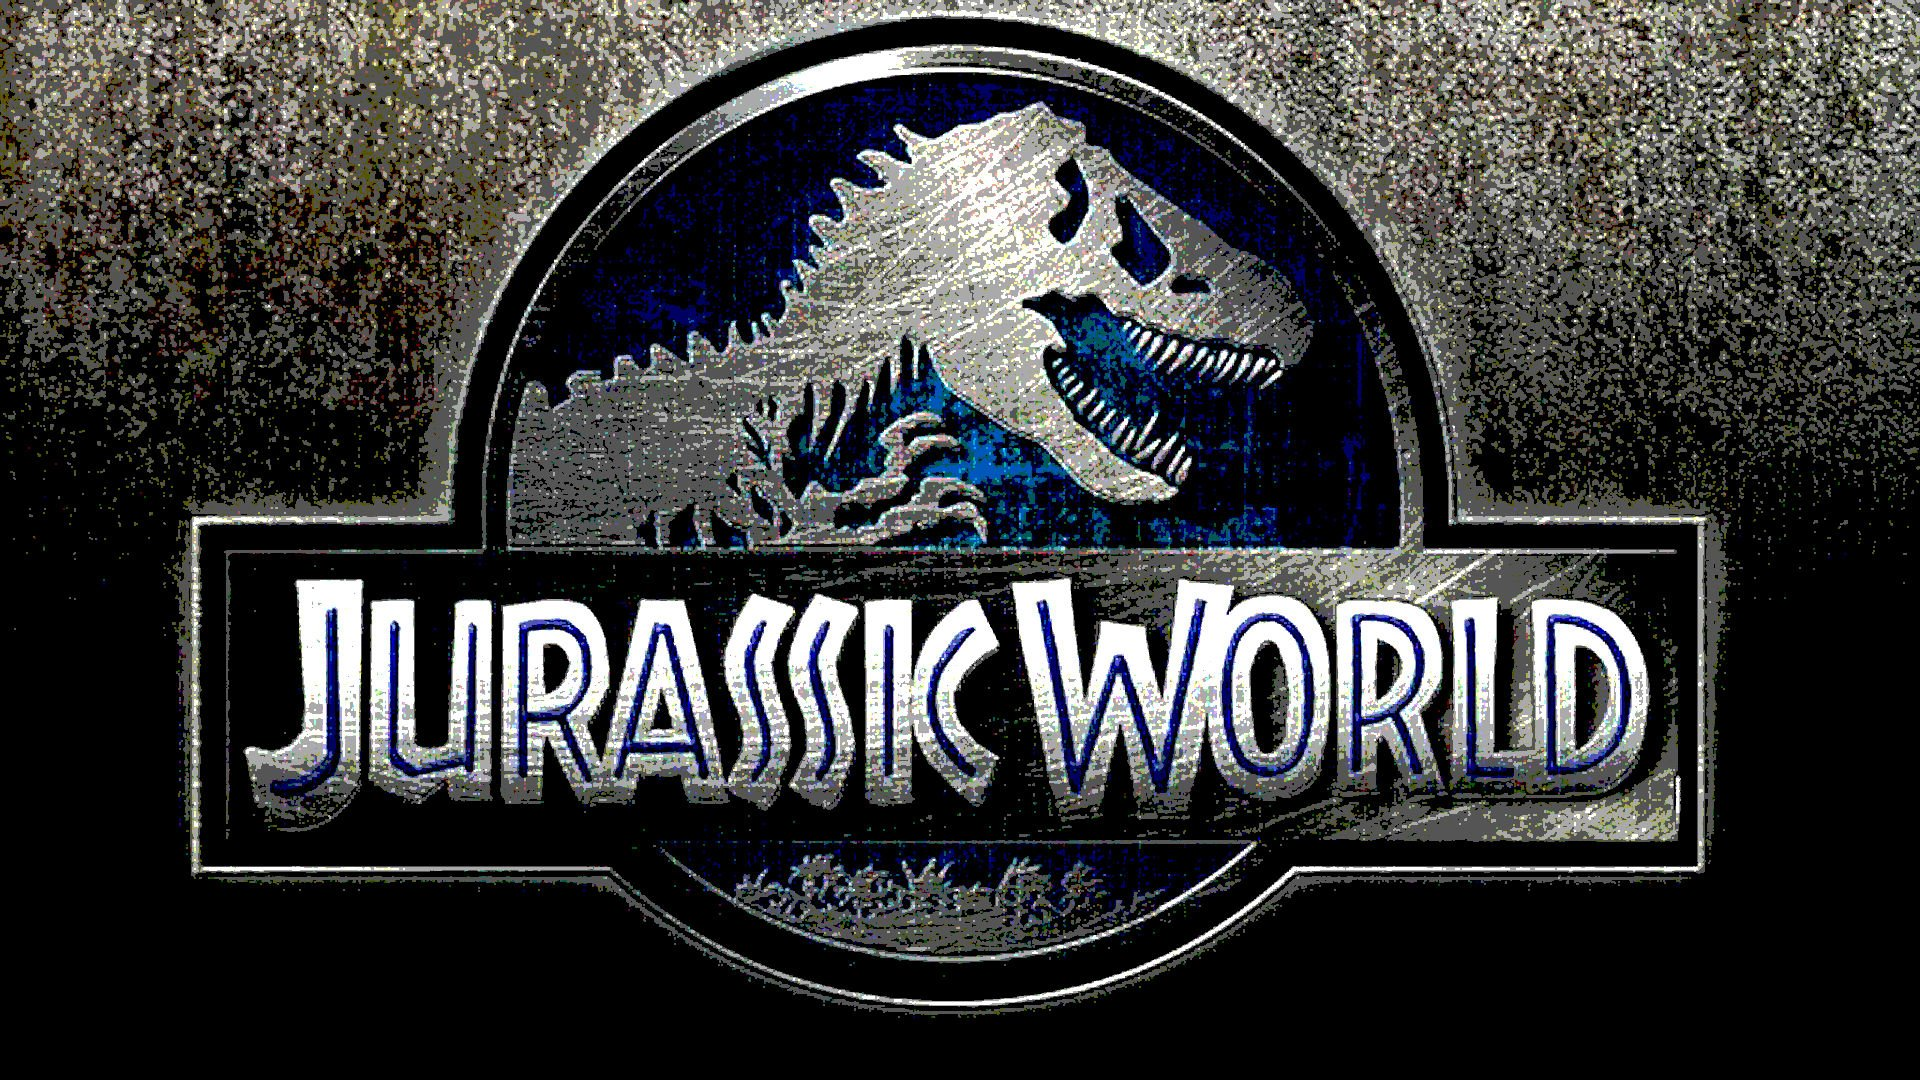 JURASSIC WORLD adventure scifi dinosaur fantasy film 2015 park 3